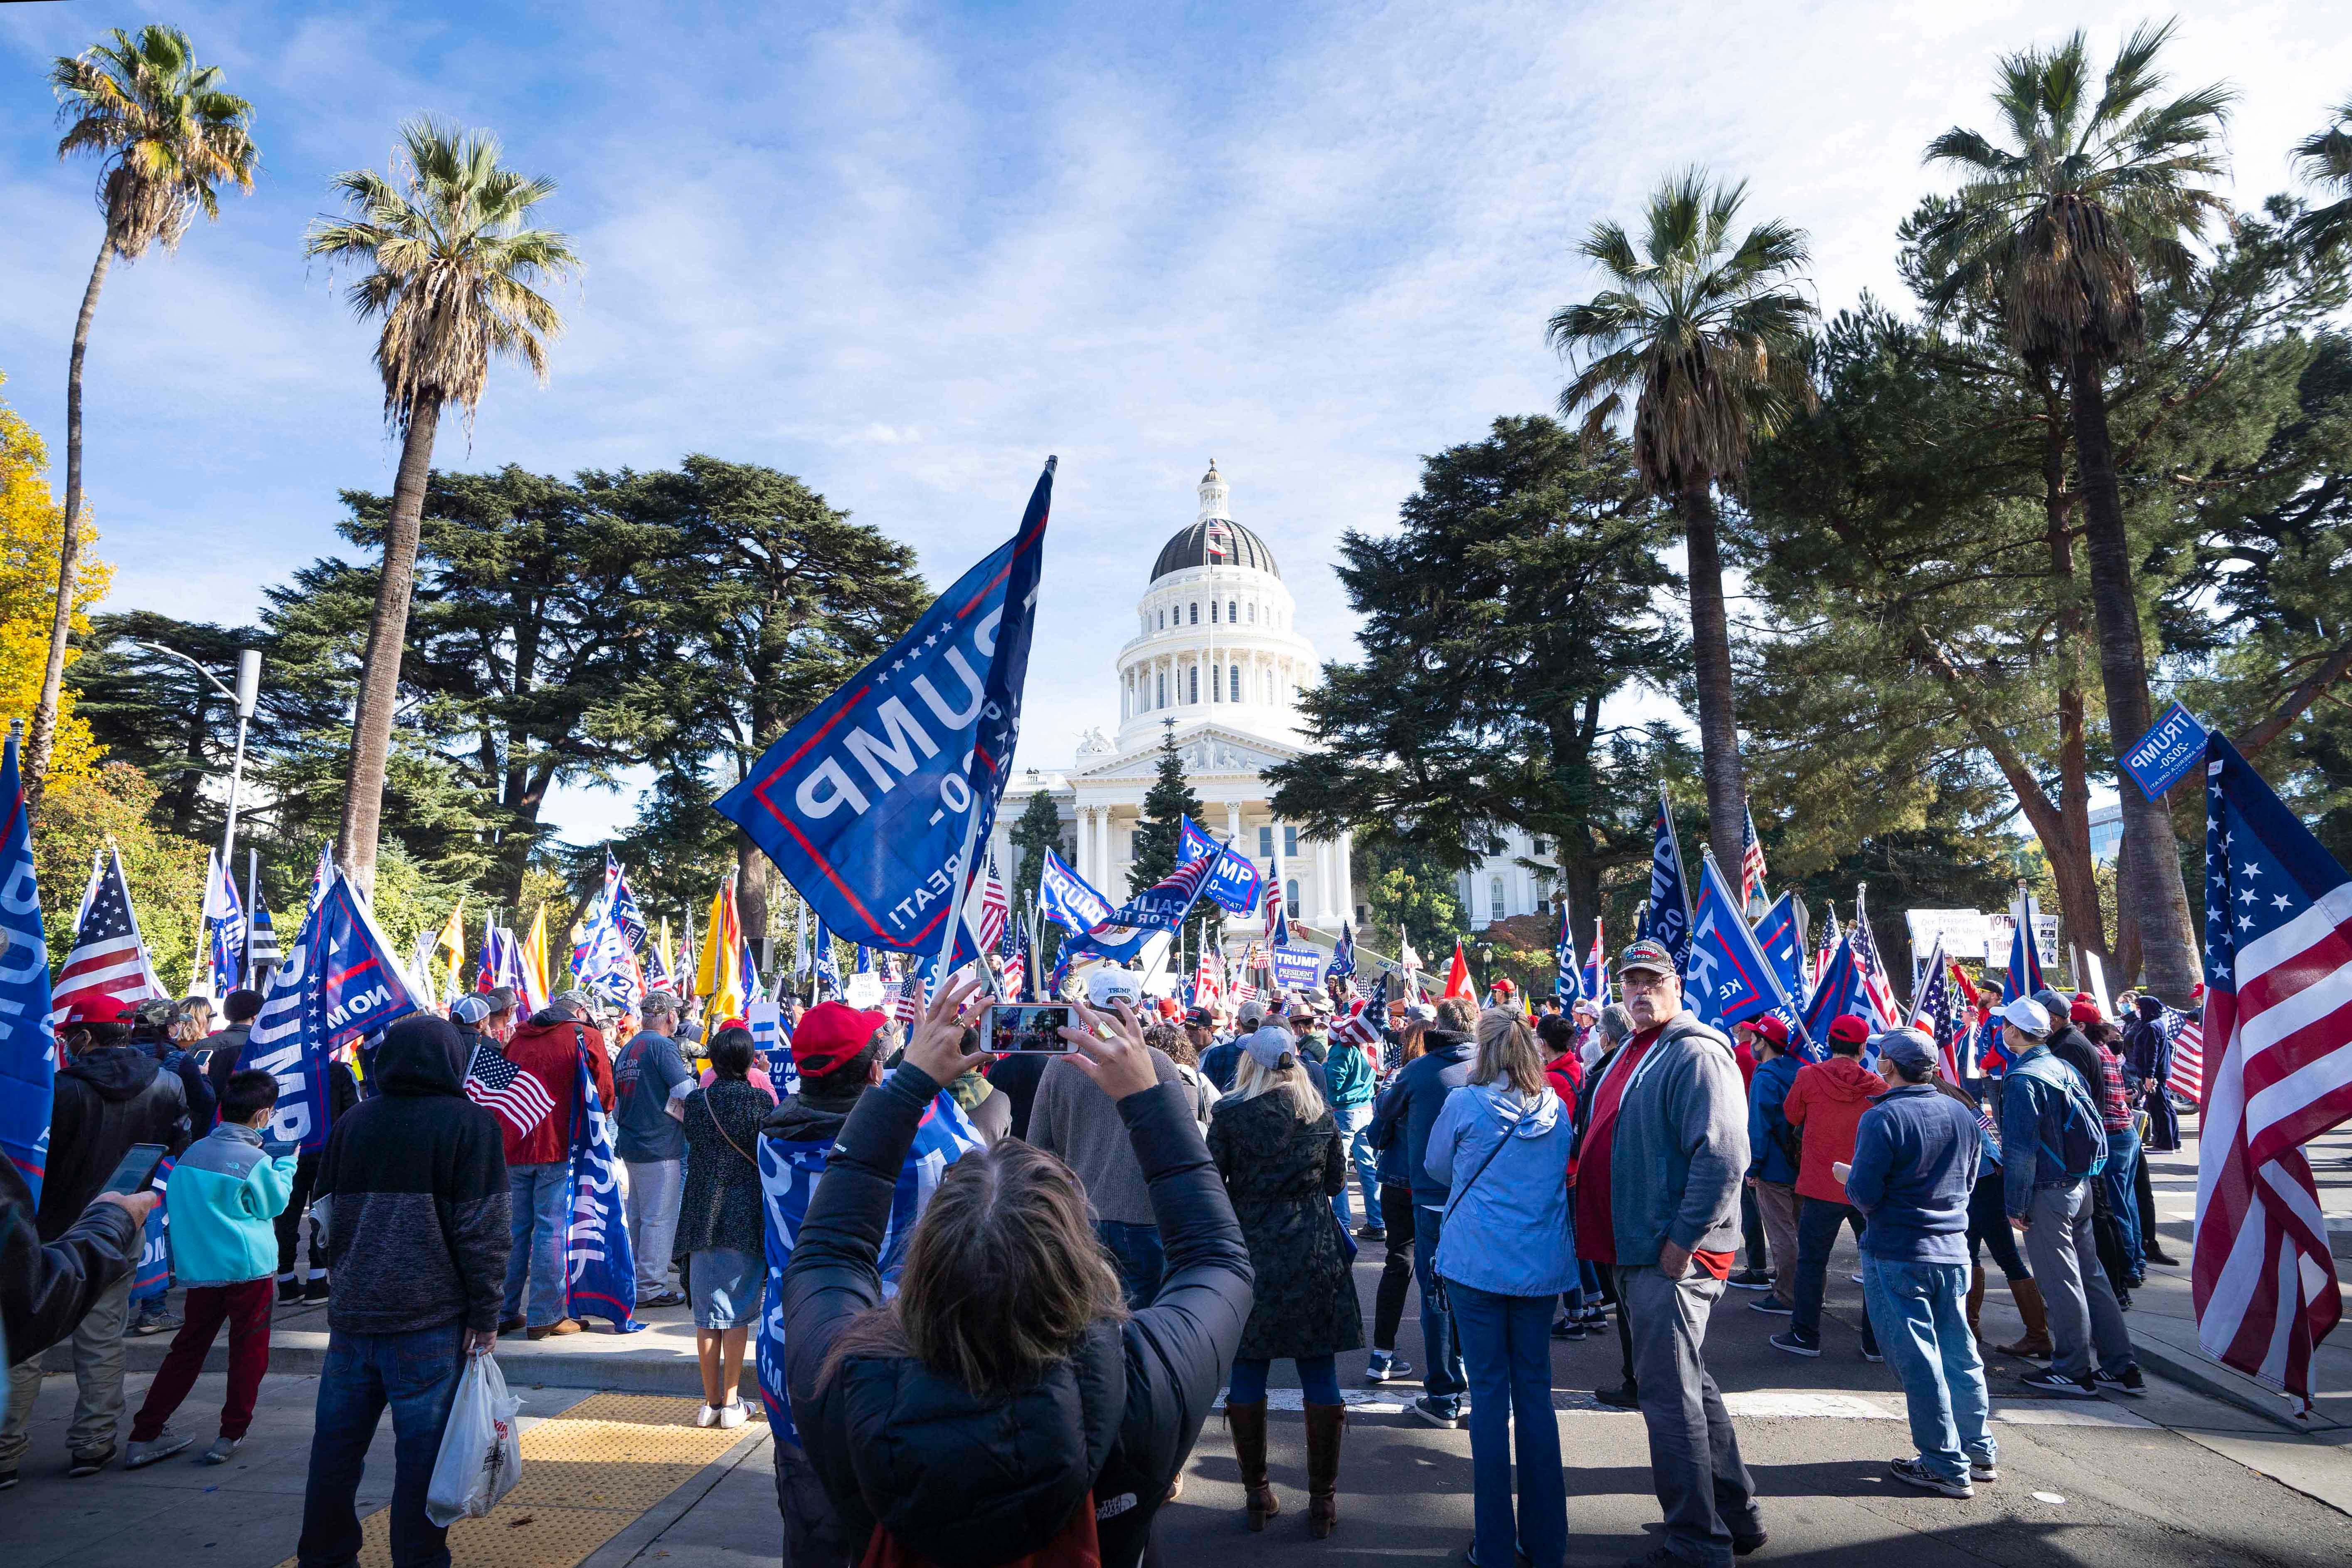 加州首府挺特集會 民眾:不要共產主義